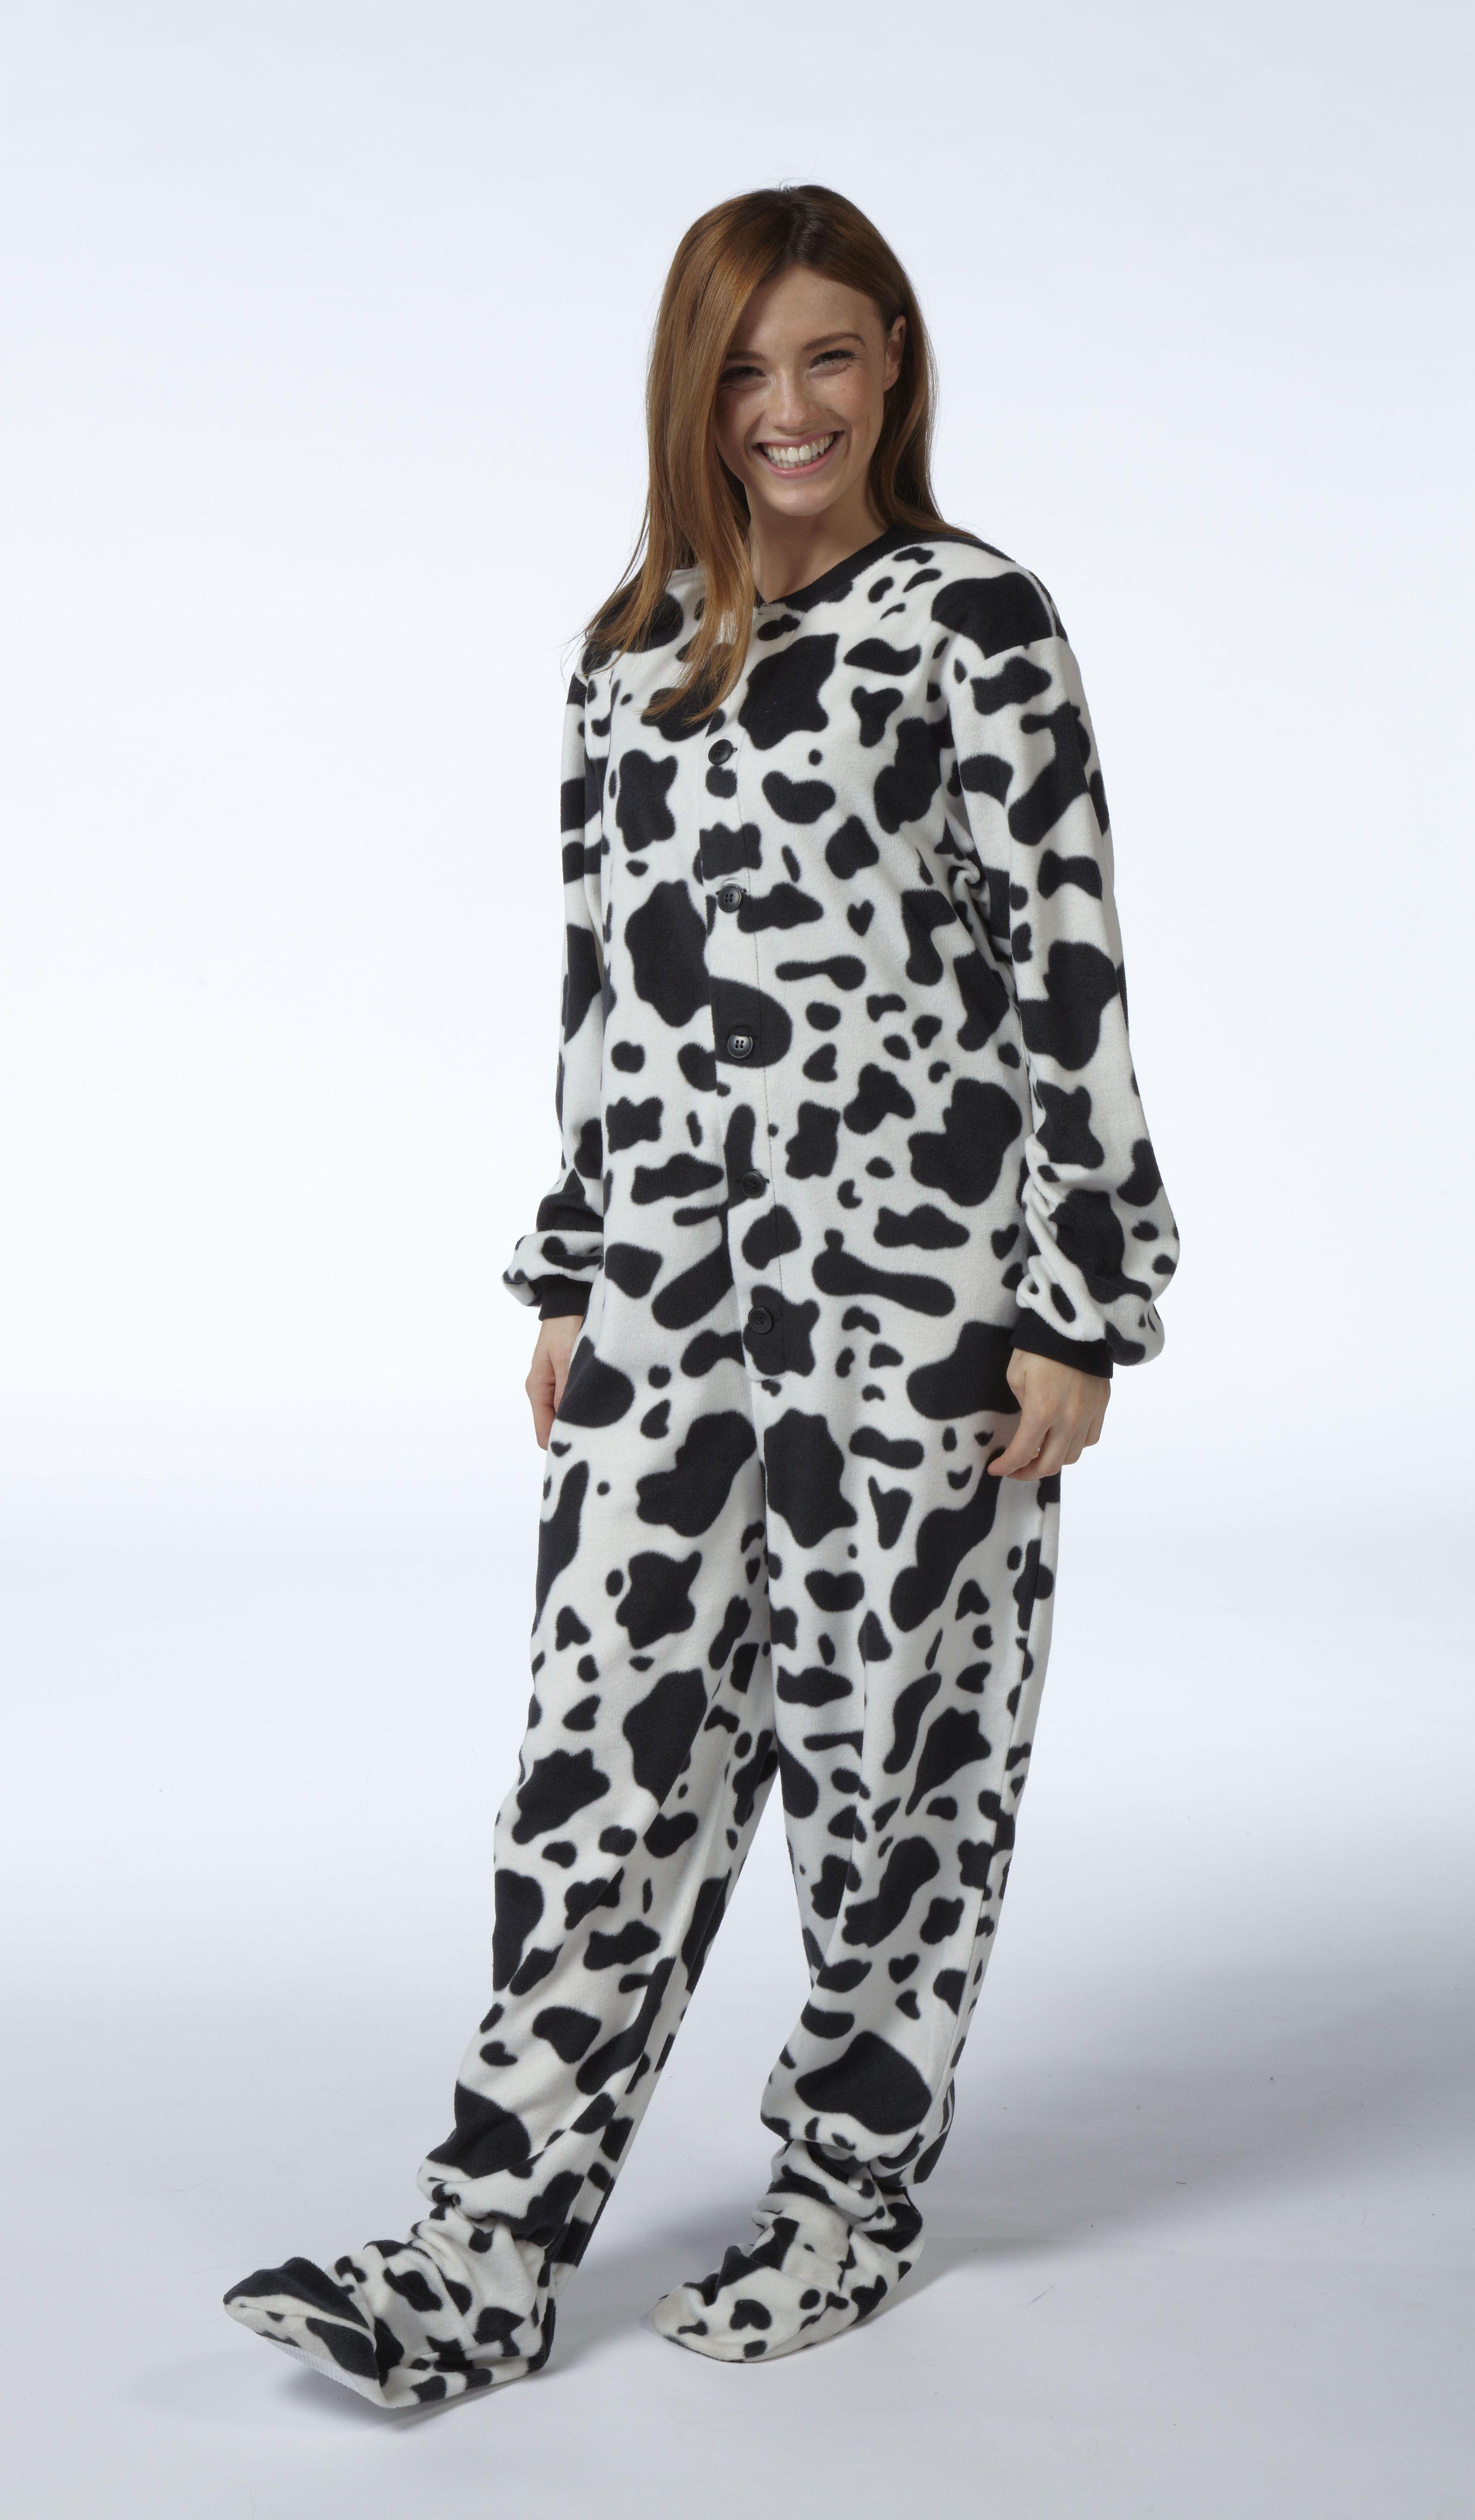 Snuggaroo Women s Black White Cow Print Footed Onesie Pyjamas PJs Pajamas 5a965a5022